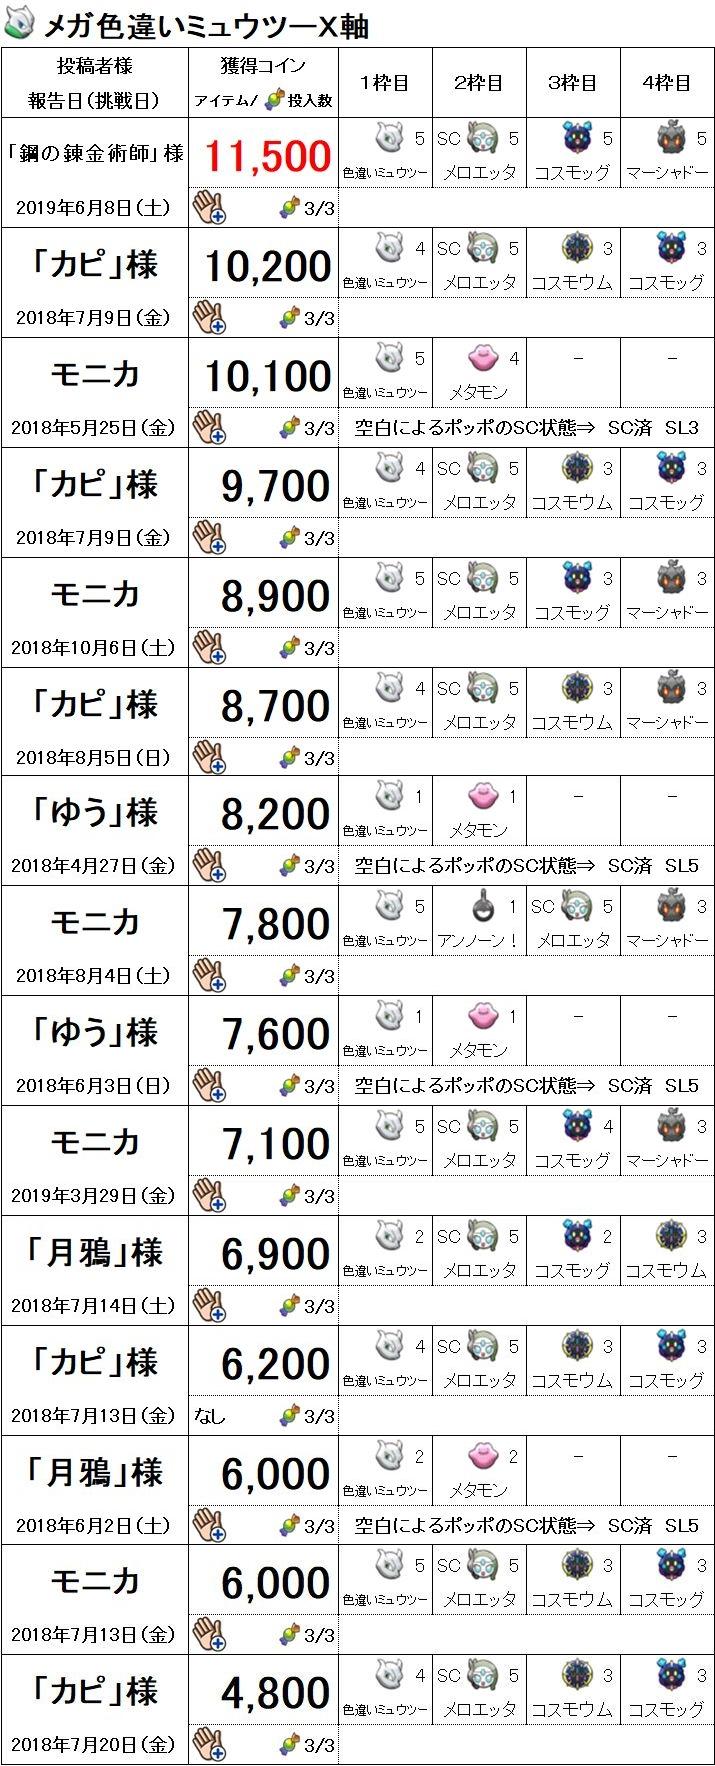 イベントニャース色違いミュウツーX軸6月8日